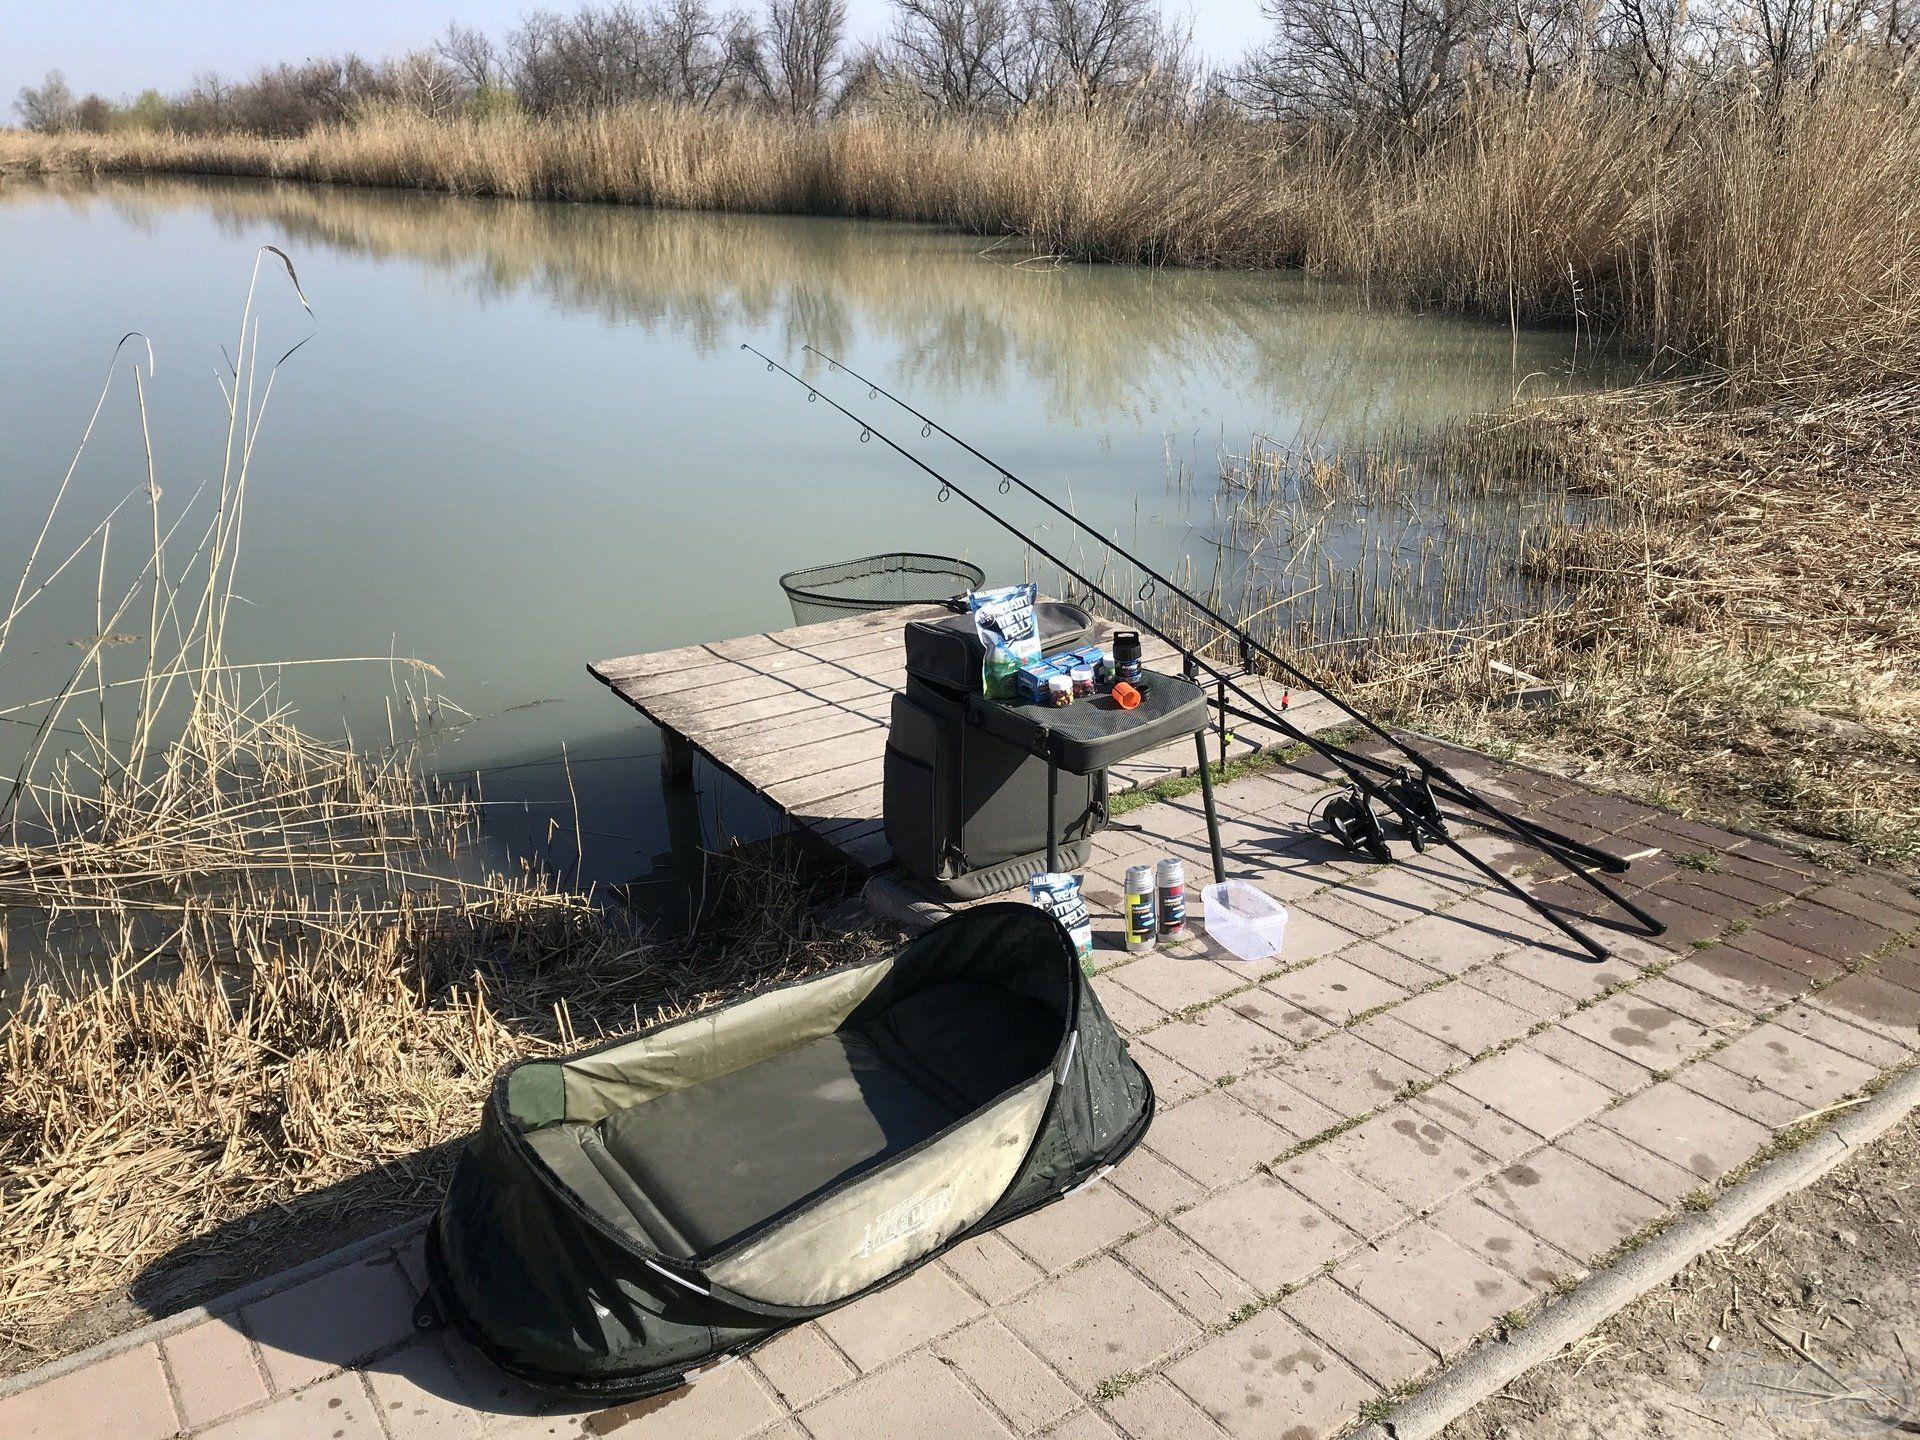 A rövid, gyors horgászatokhoz nem kell sok felszerelés, csak azt viszem magammal, amire mindenképpen szükségem van